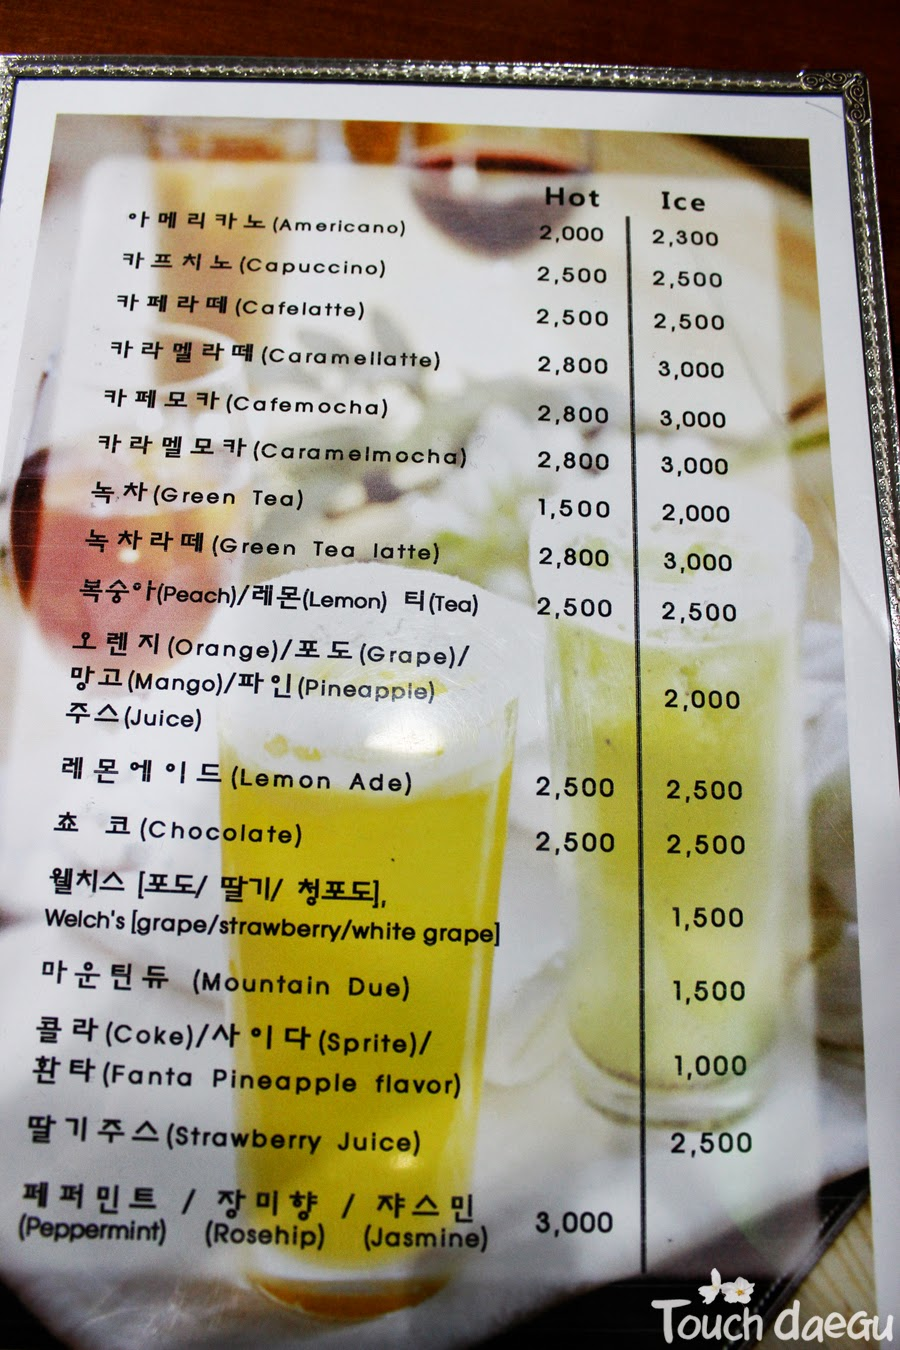 The menu of drinks in Noriteo